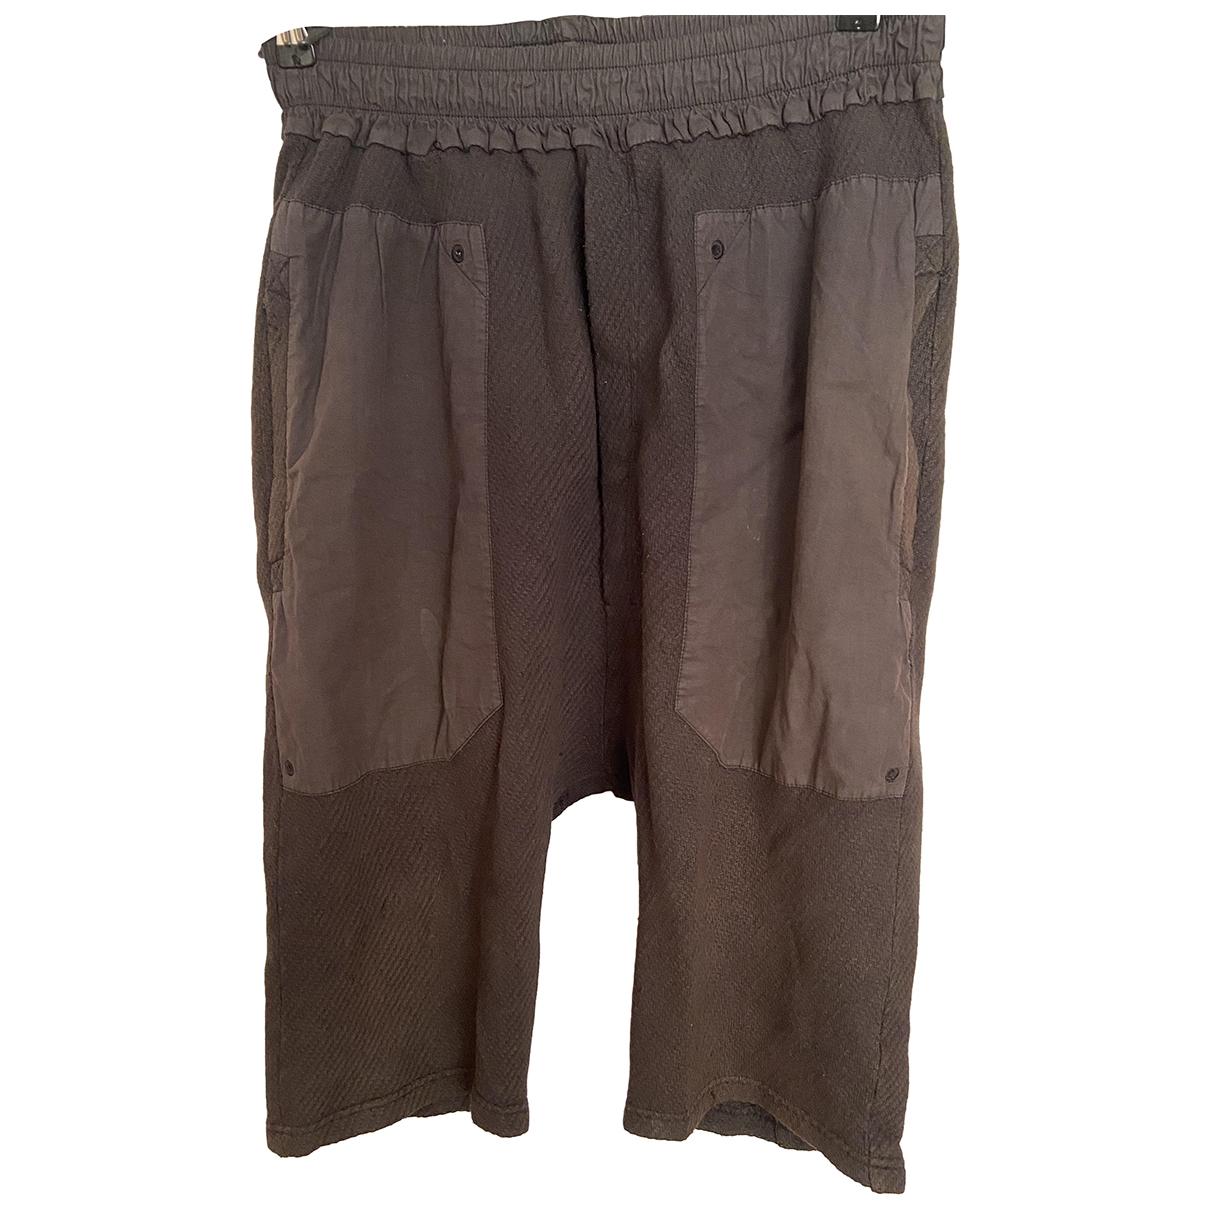 Pantalon corto Damir Doma